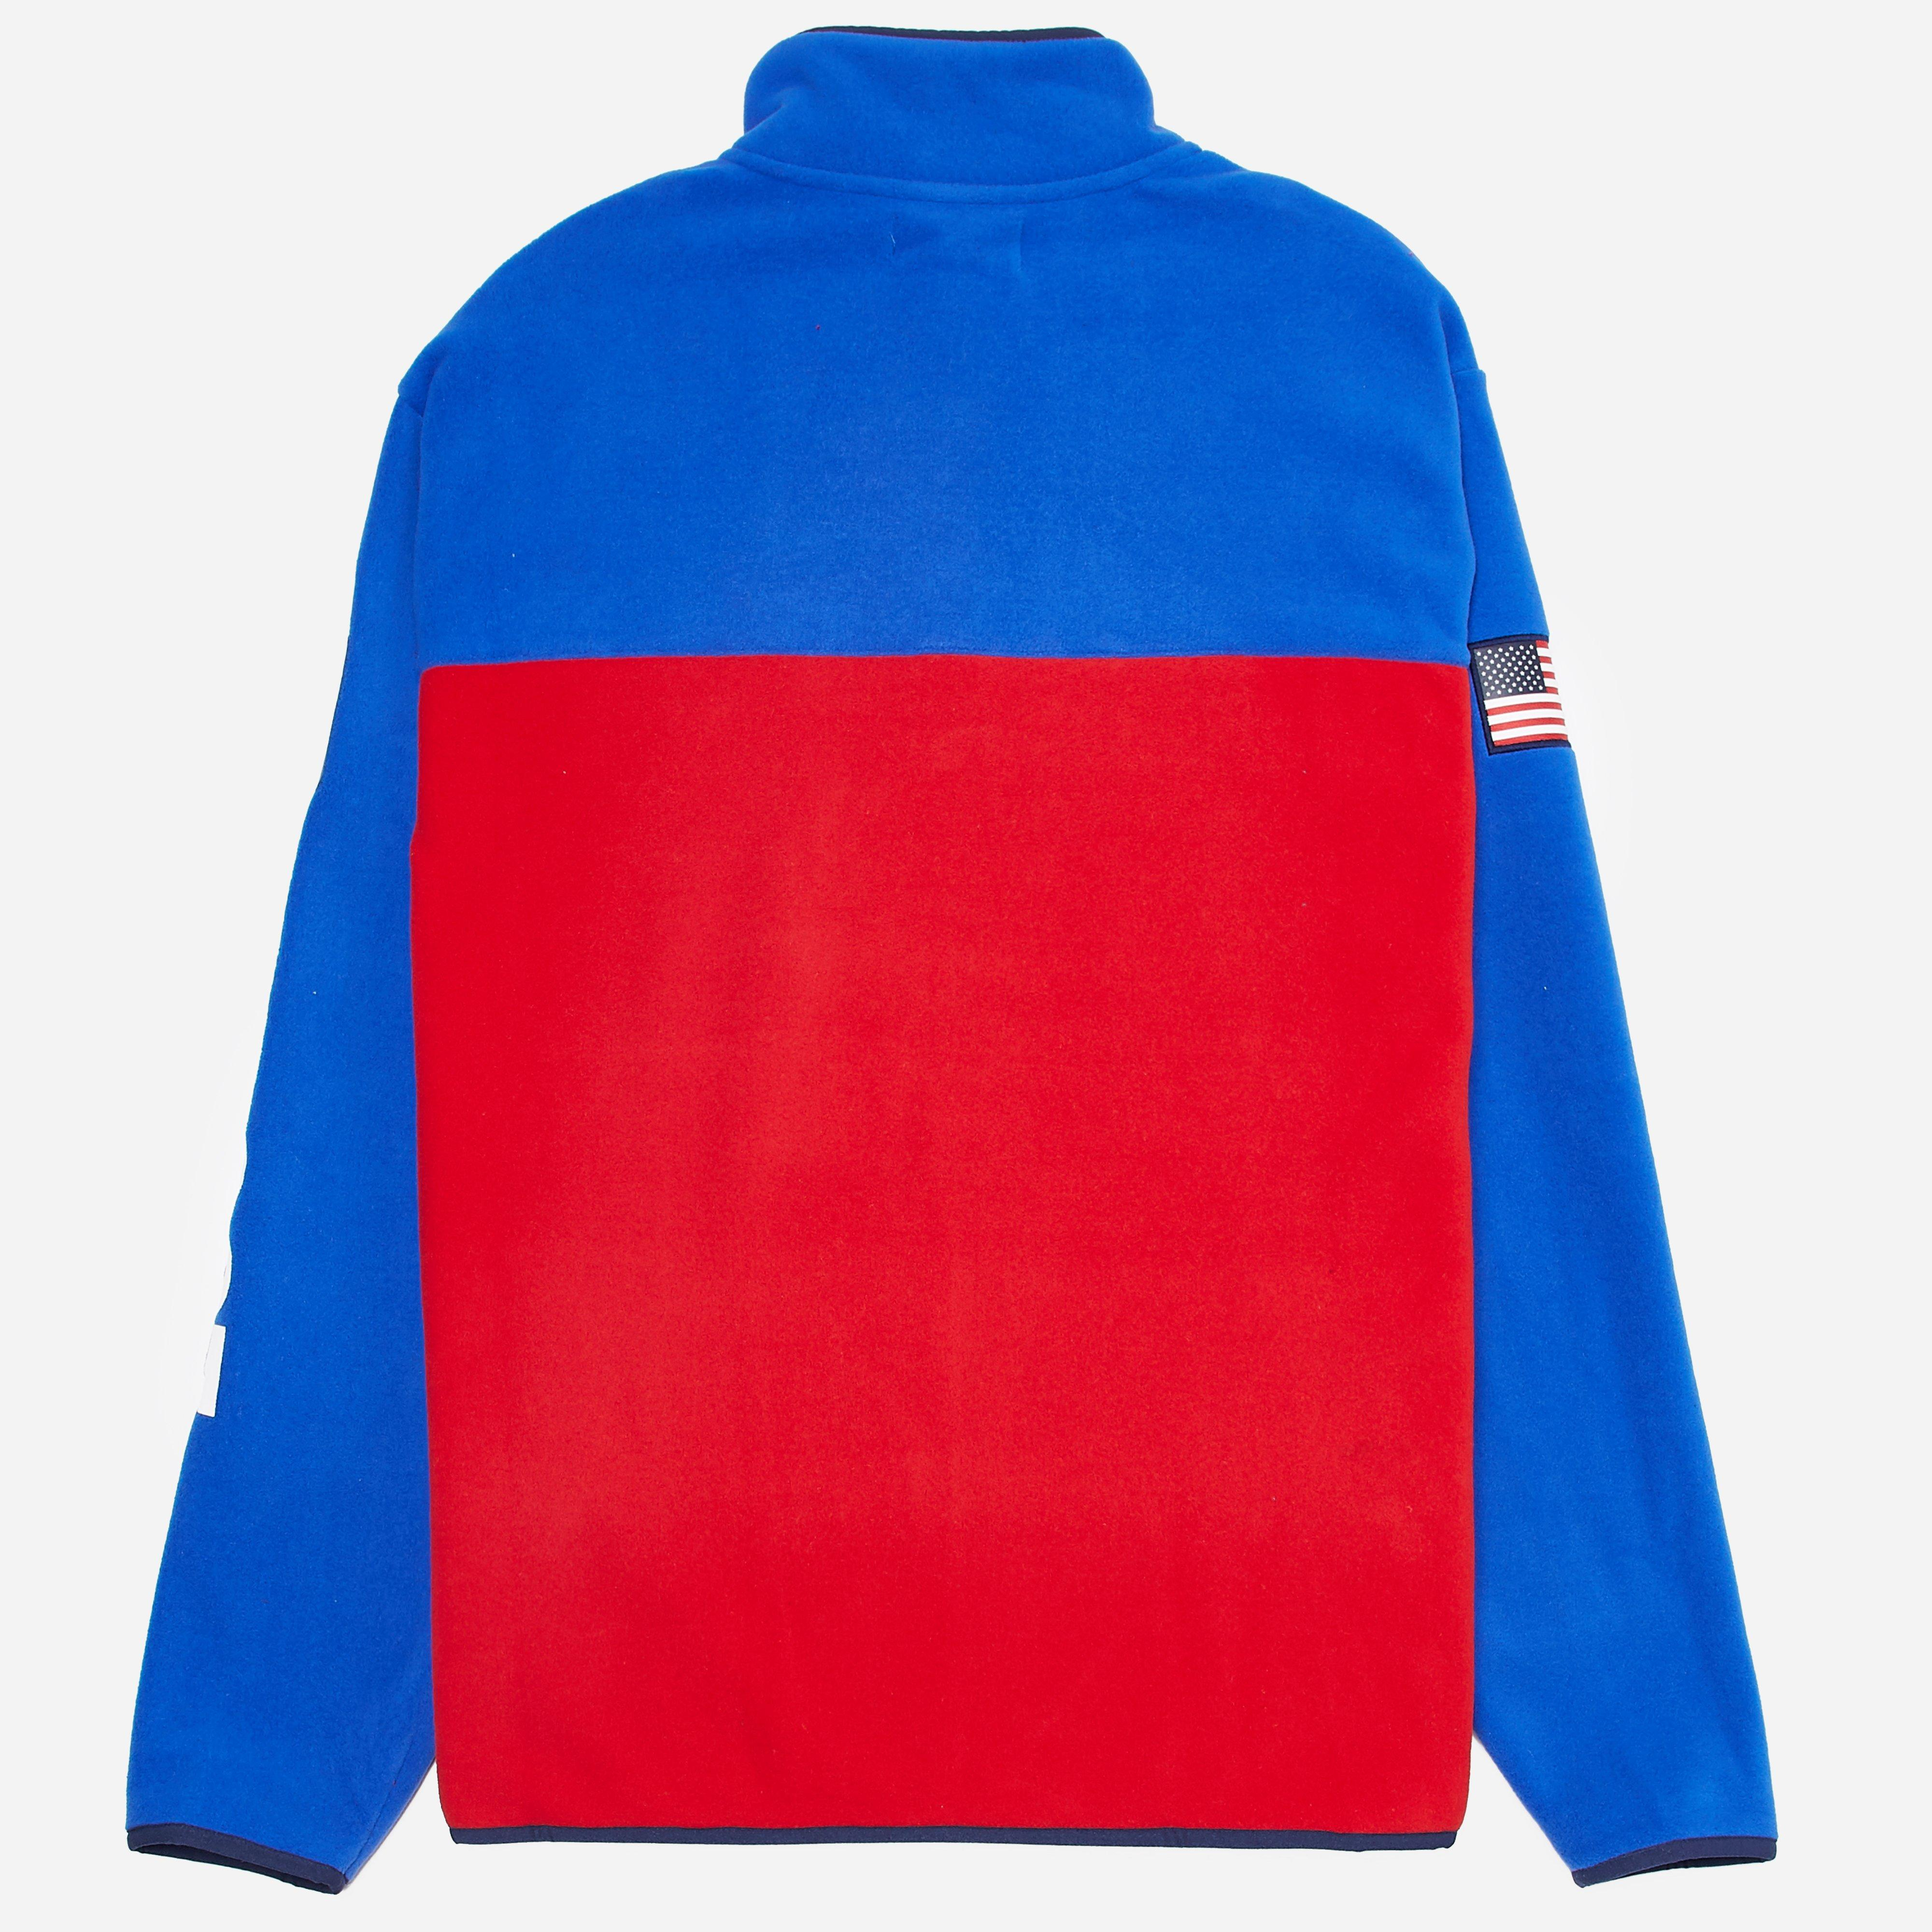 ... Polo Ralph Lauren Hi Tech Poly Fleece